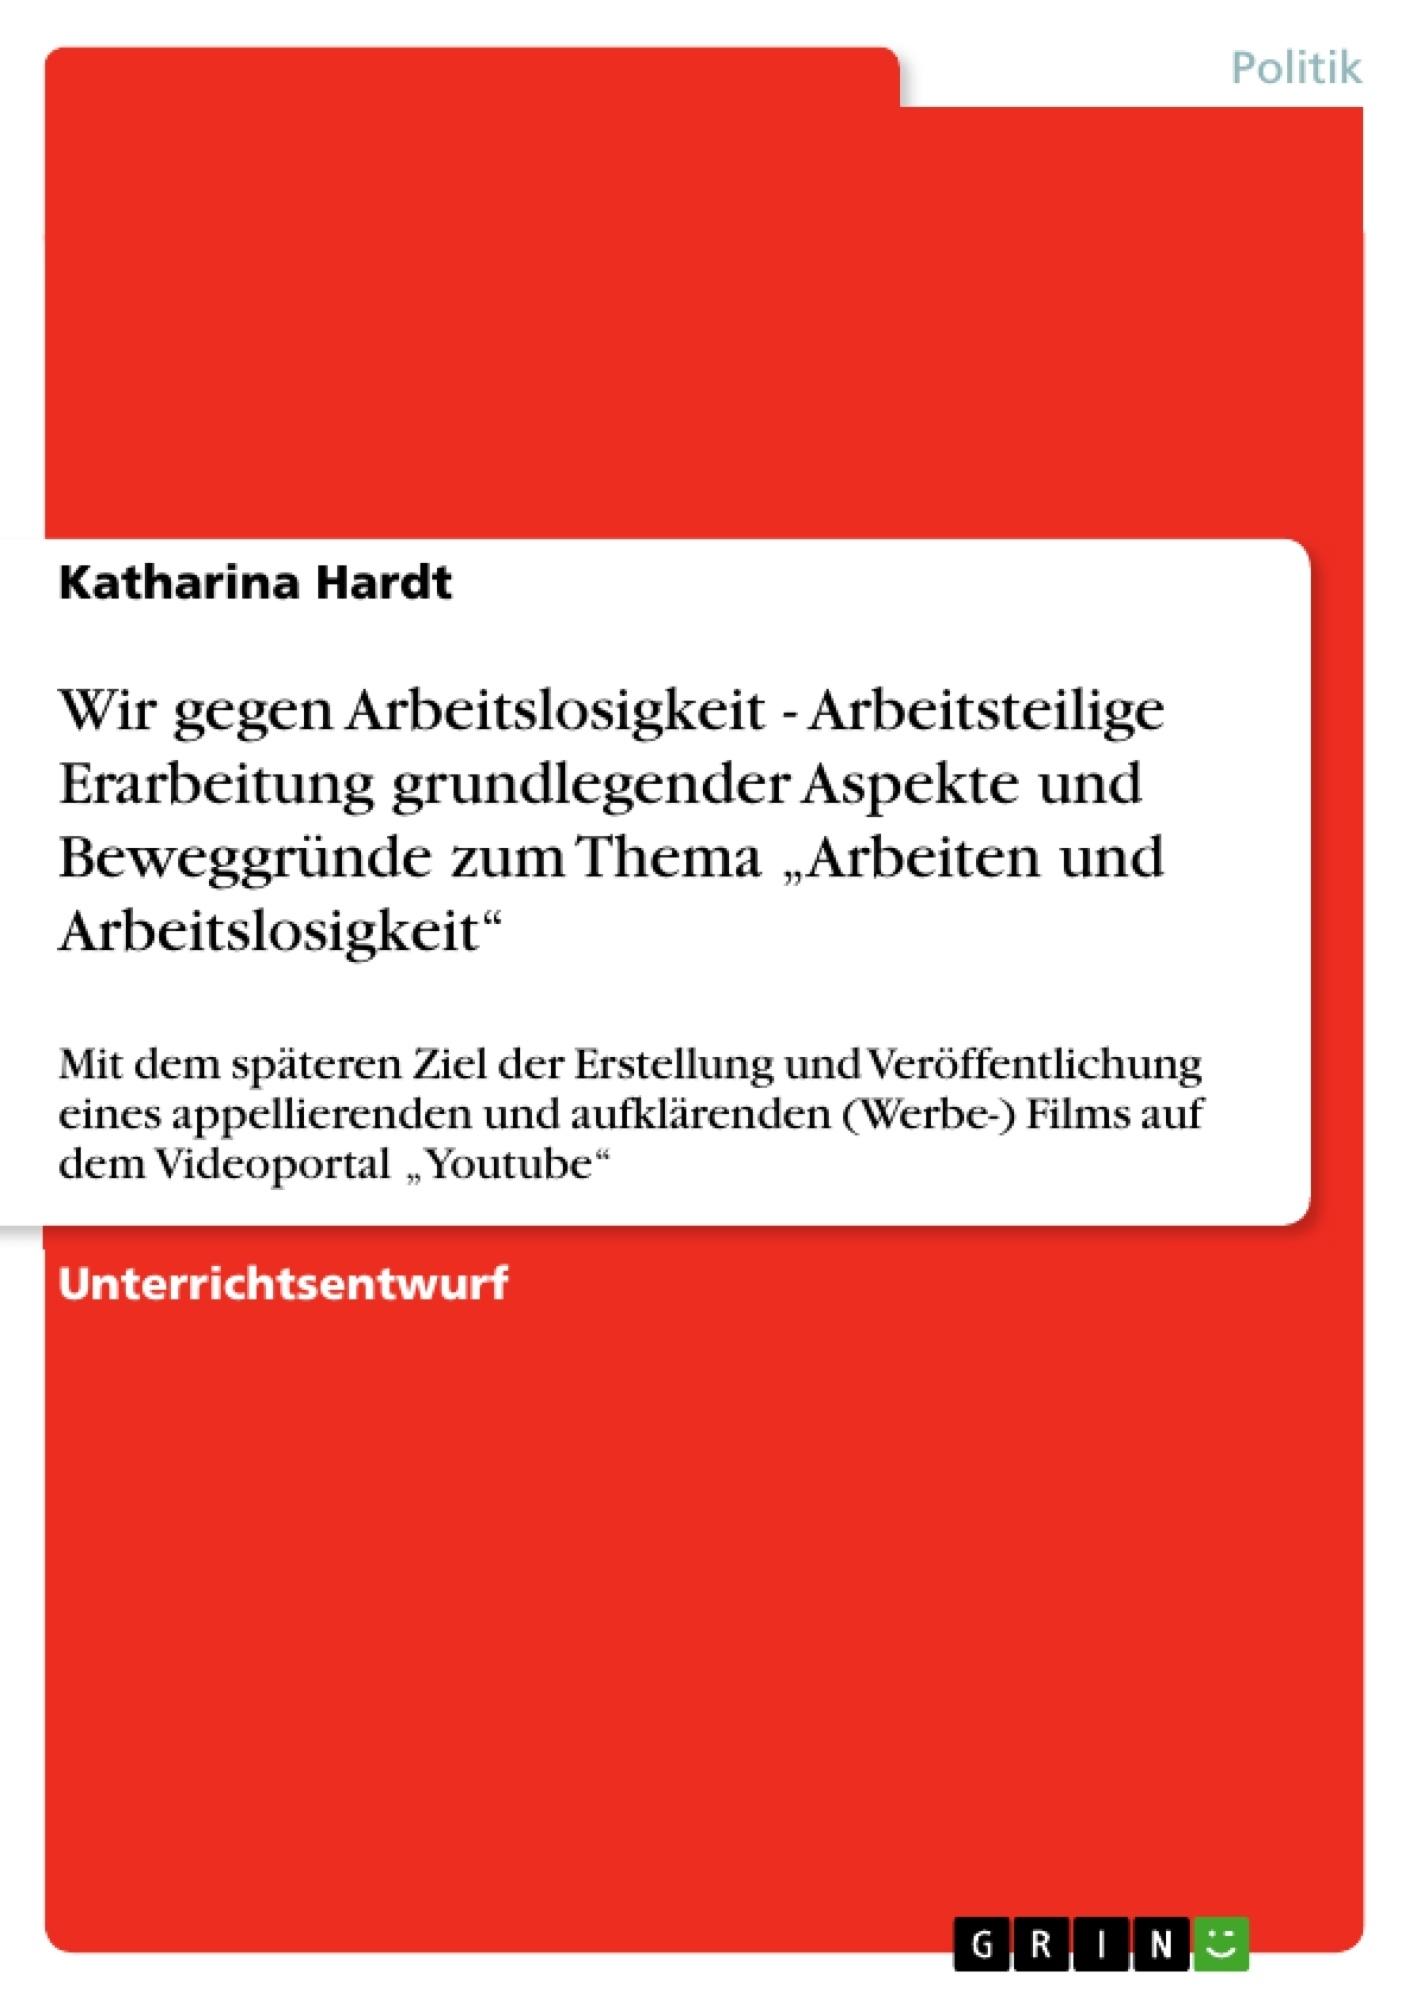 """Titel: Wir gegen Arbeitslosigkeit - Arbeitsteilige Erarbeitung grundlegender Aspekte und Beweggründe zum Thema """"Arbeiten und Arbeitslosigkeit"""""""